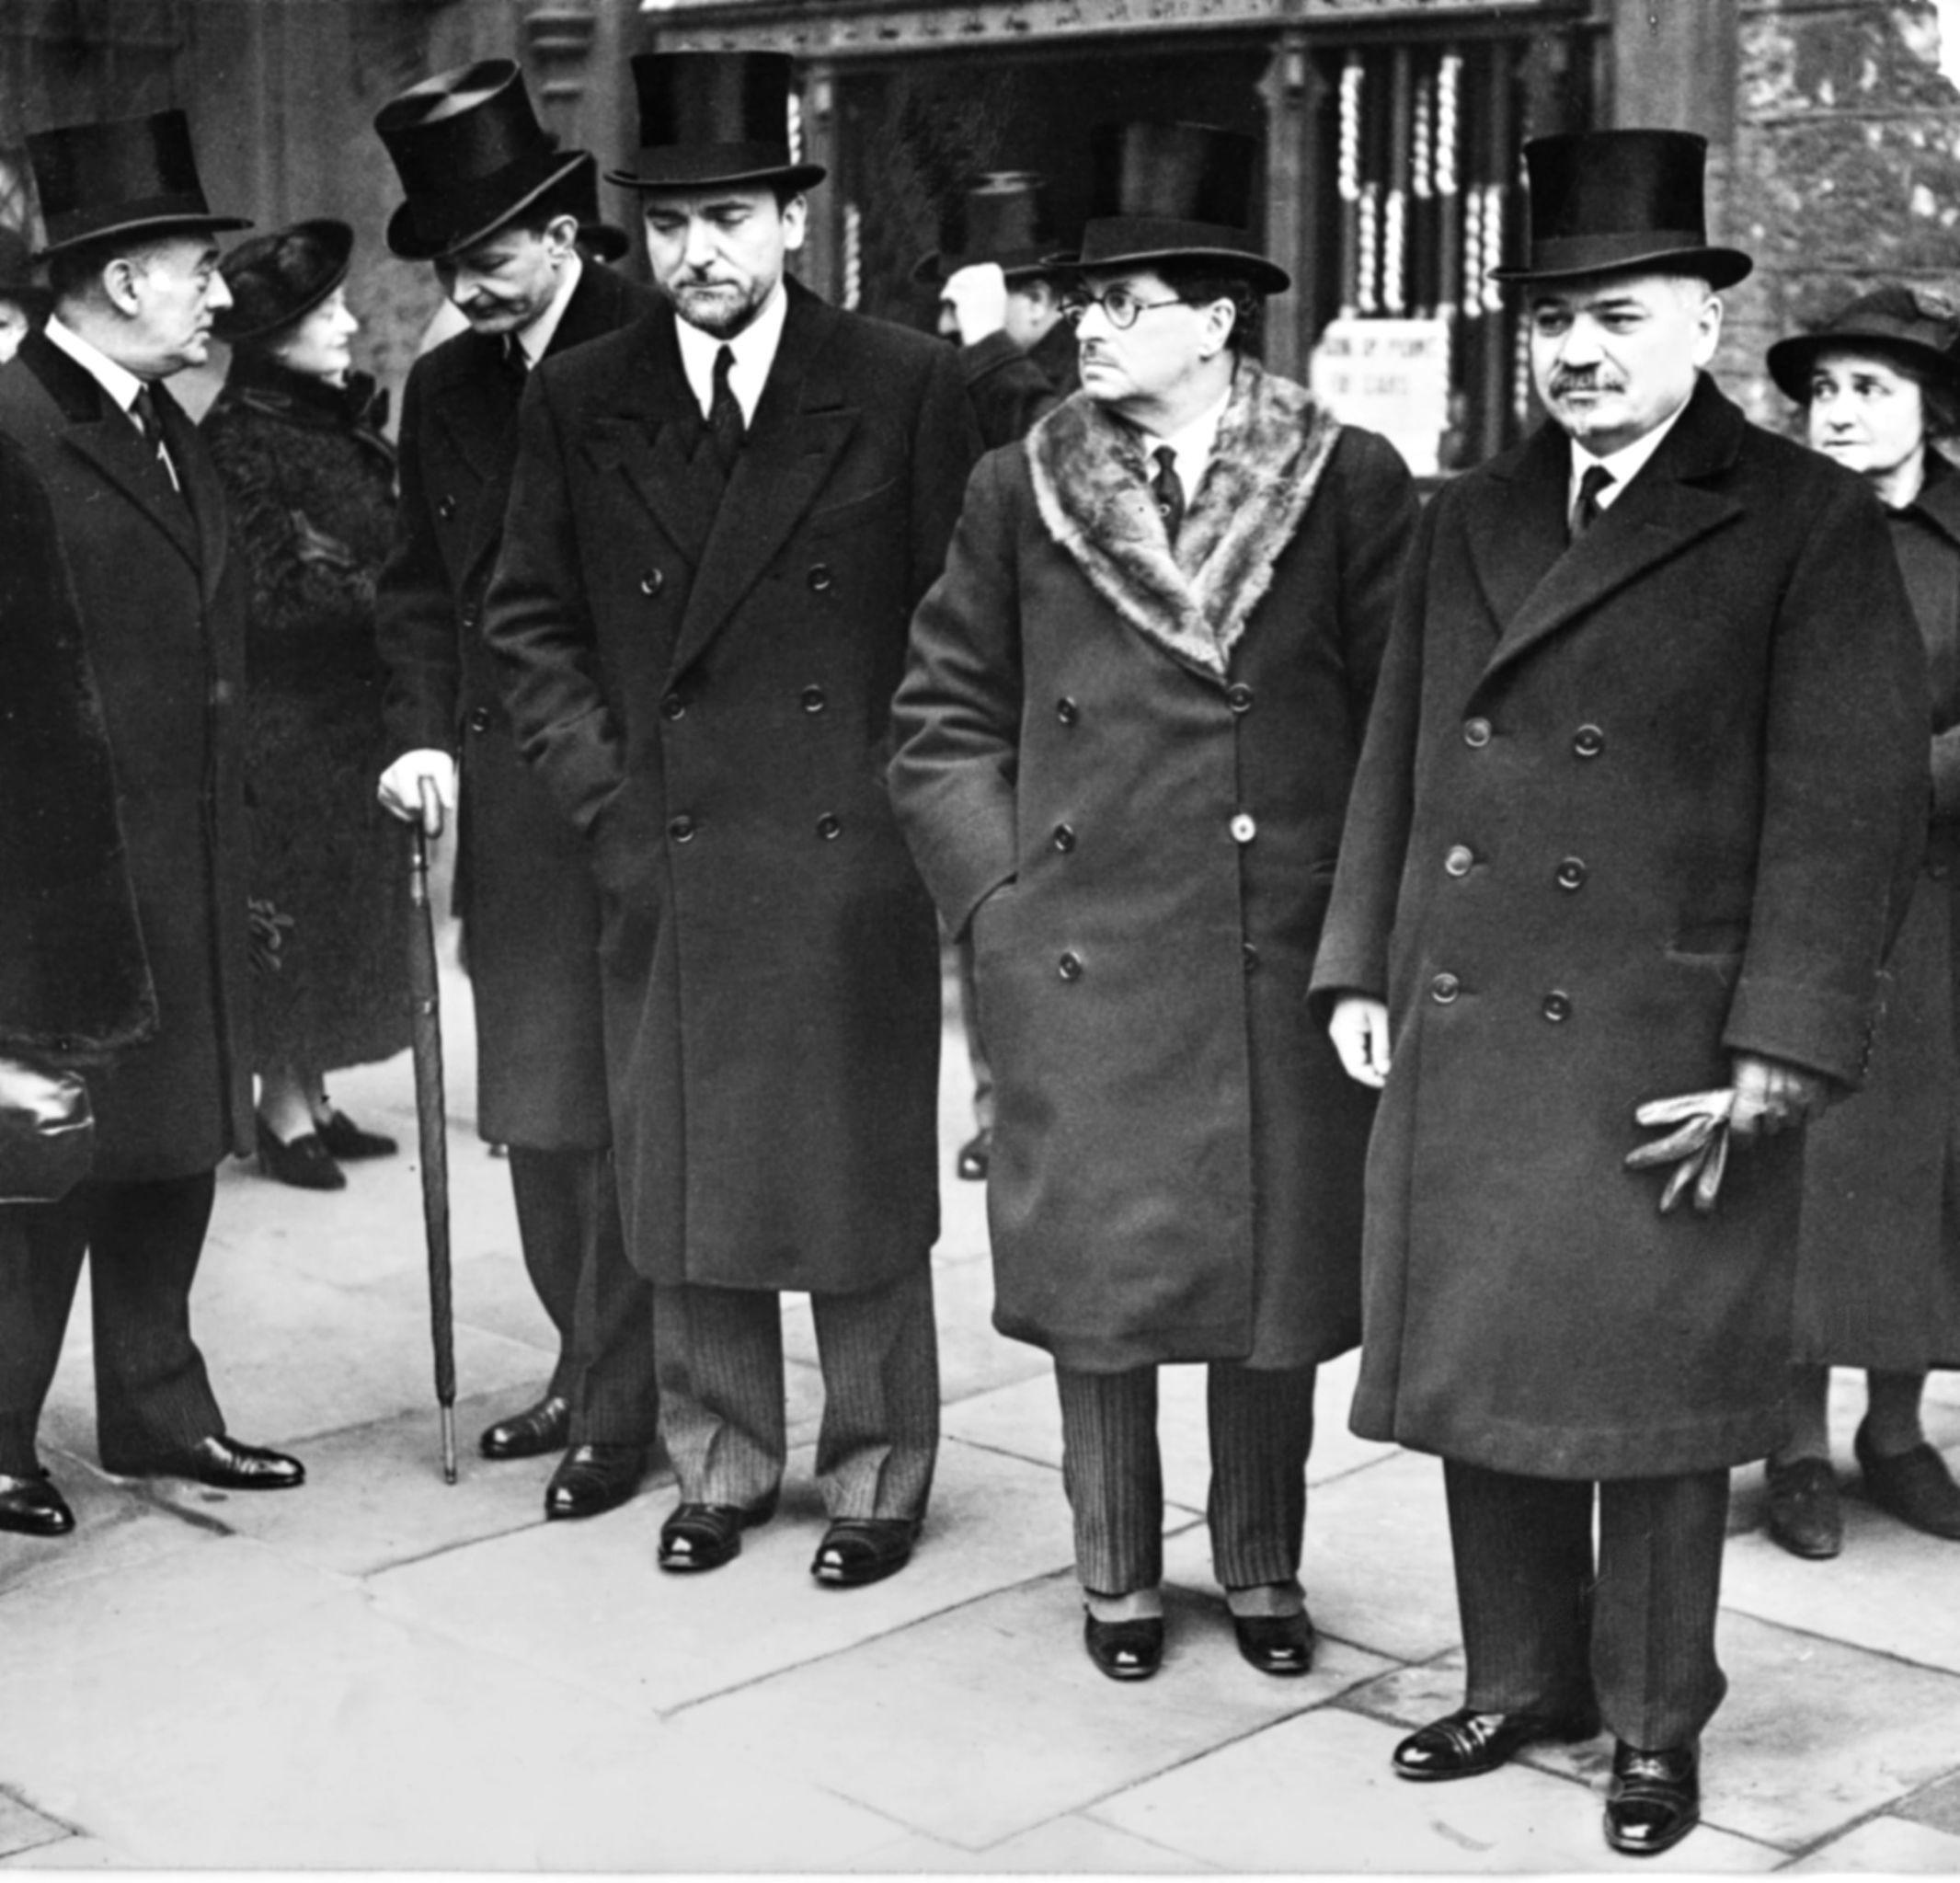 İvan Mihayloviç Mayski,  1939 da Londra Büyükelçiliği görevine başlayan Tevfik Rüştü Aras'la görüşüyor.